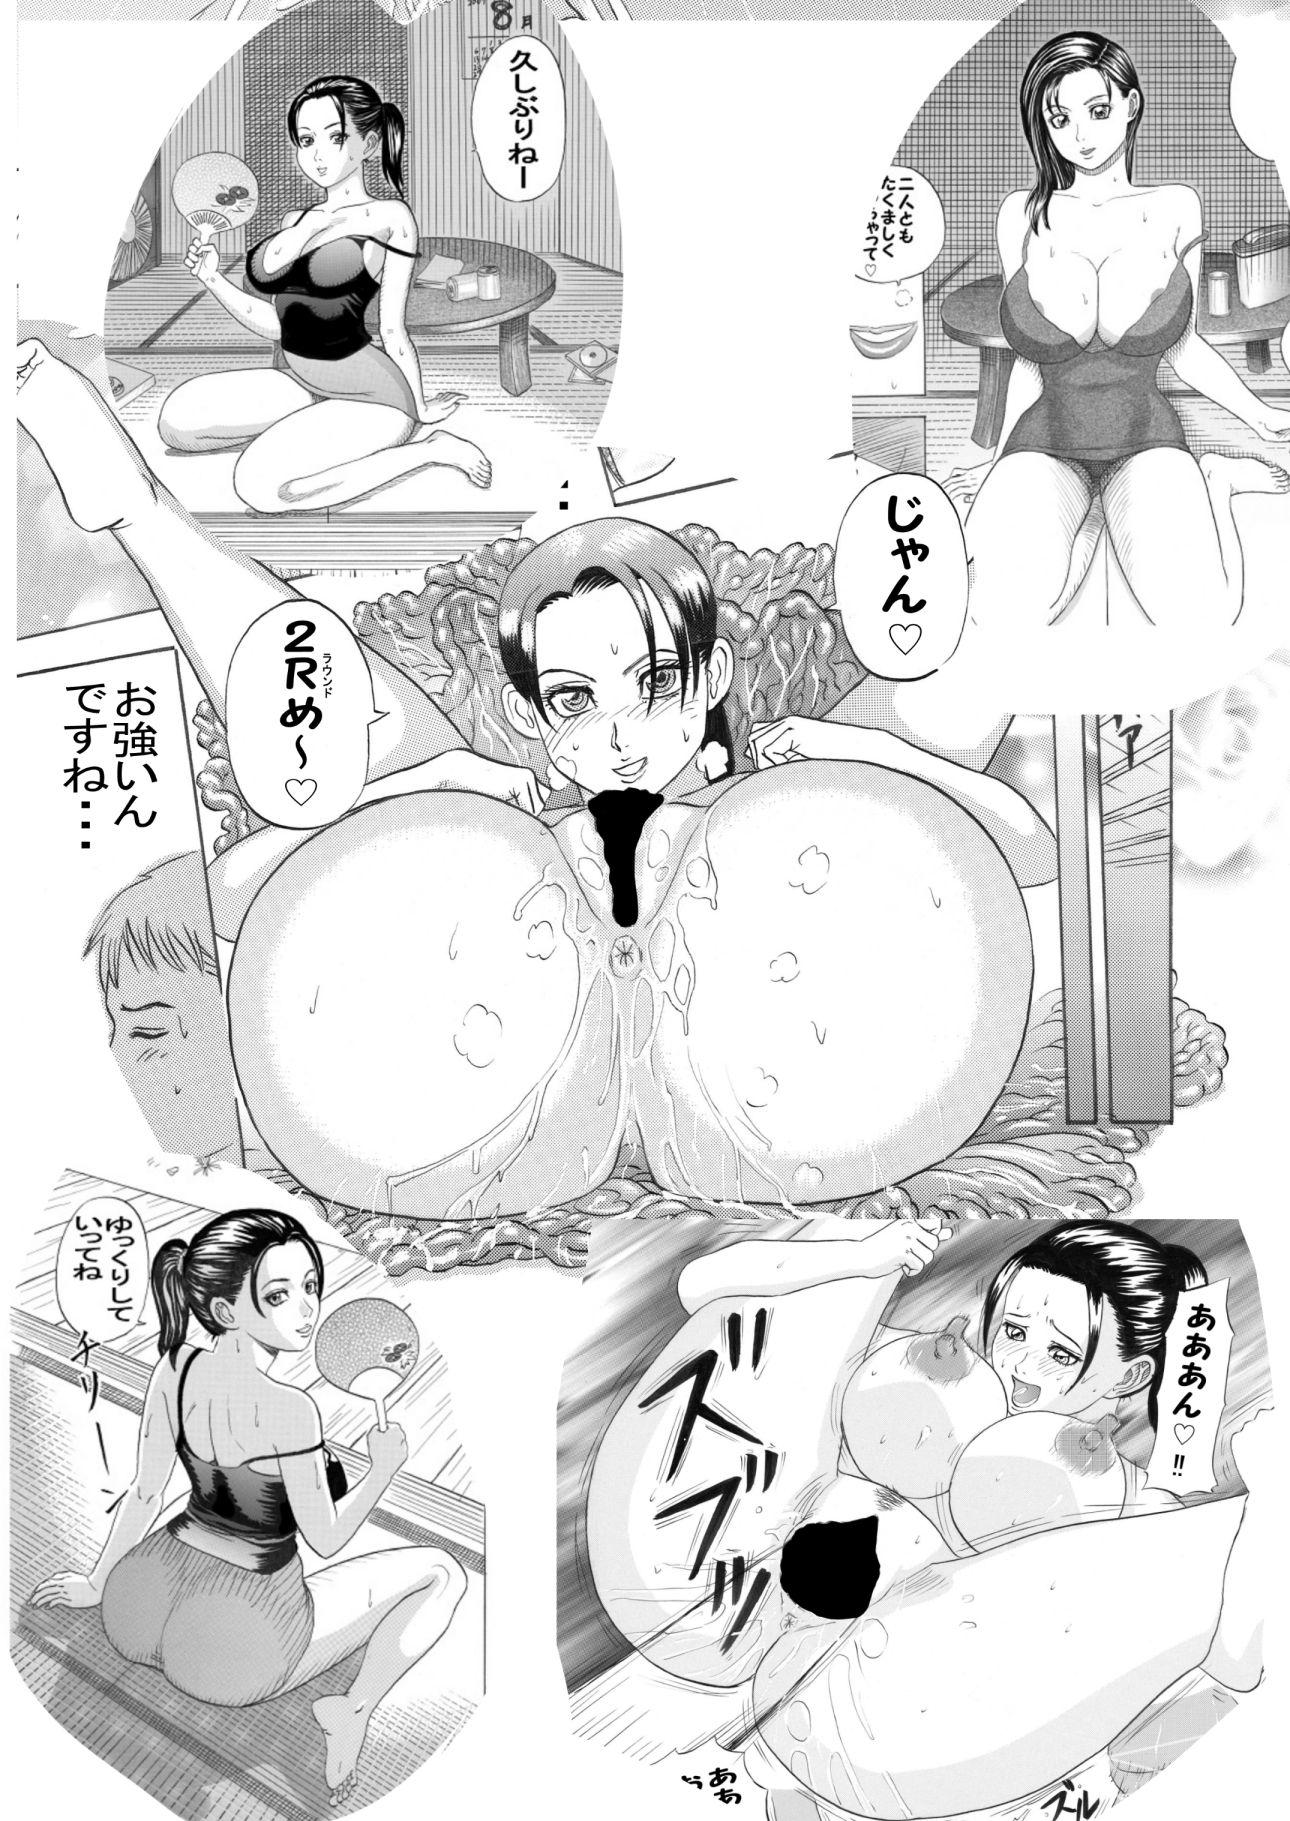 https://www.dmm.co.jp/dc/doujin/-/detail/=/cid=d_200293/